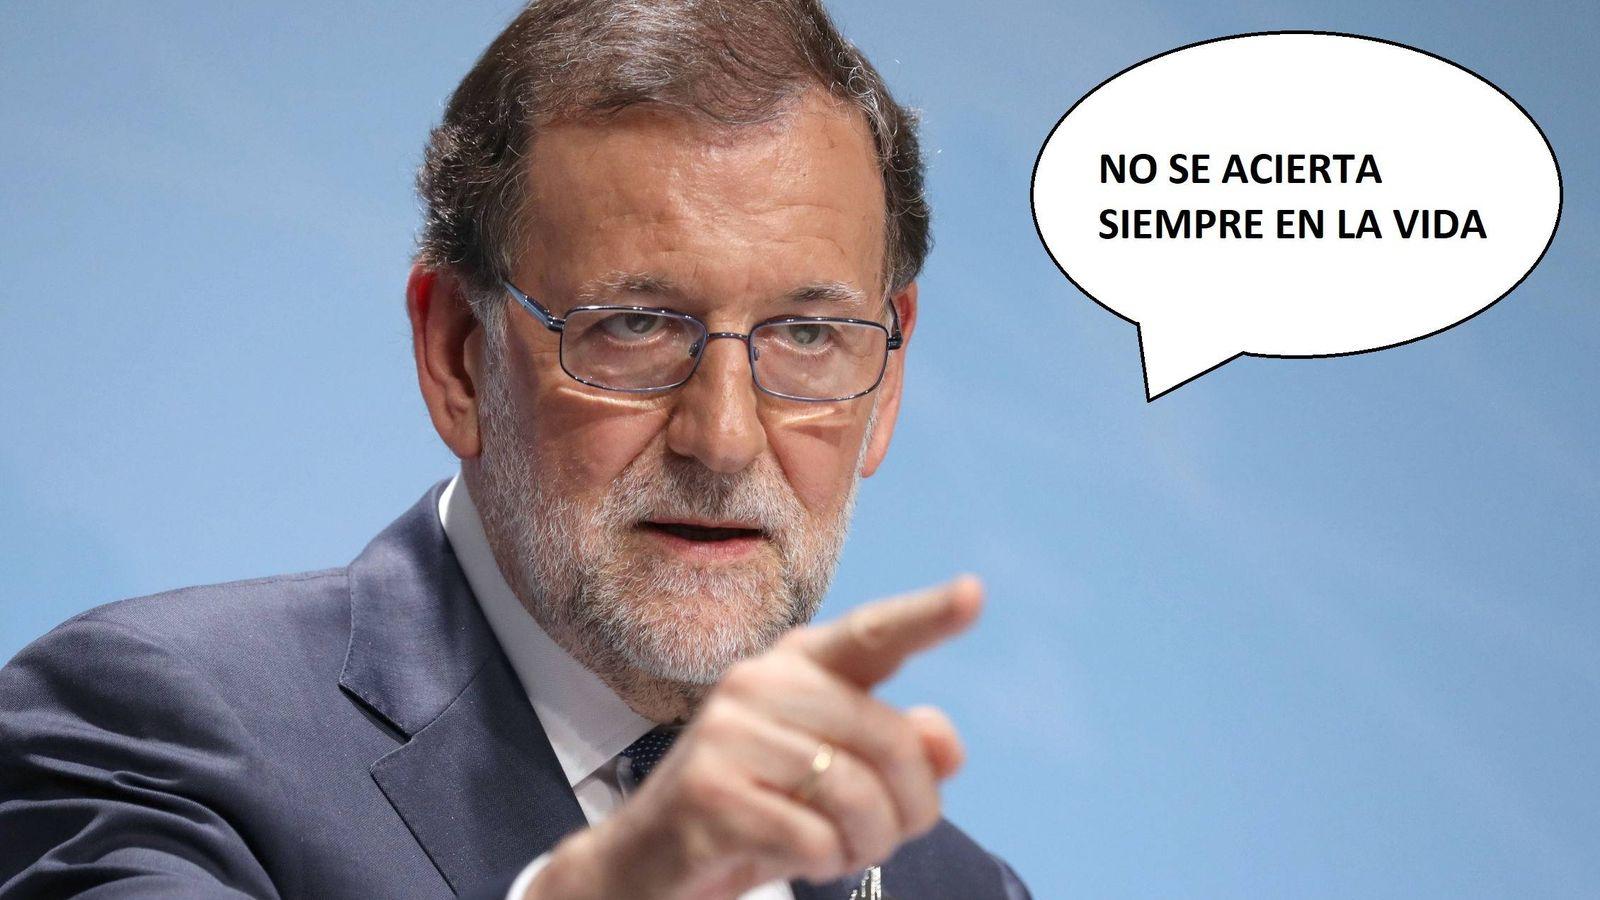 Frases De Rajoy En La Audiencia Nacional Que Puedes Usar En